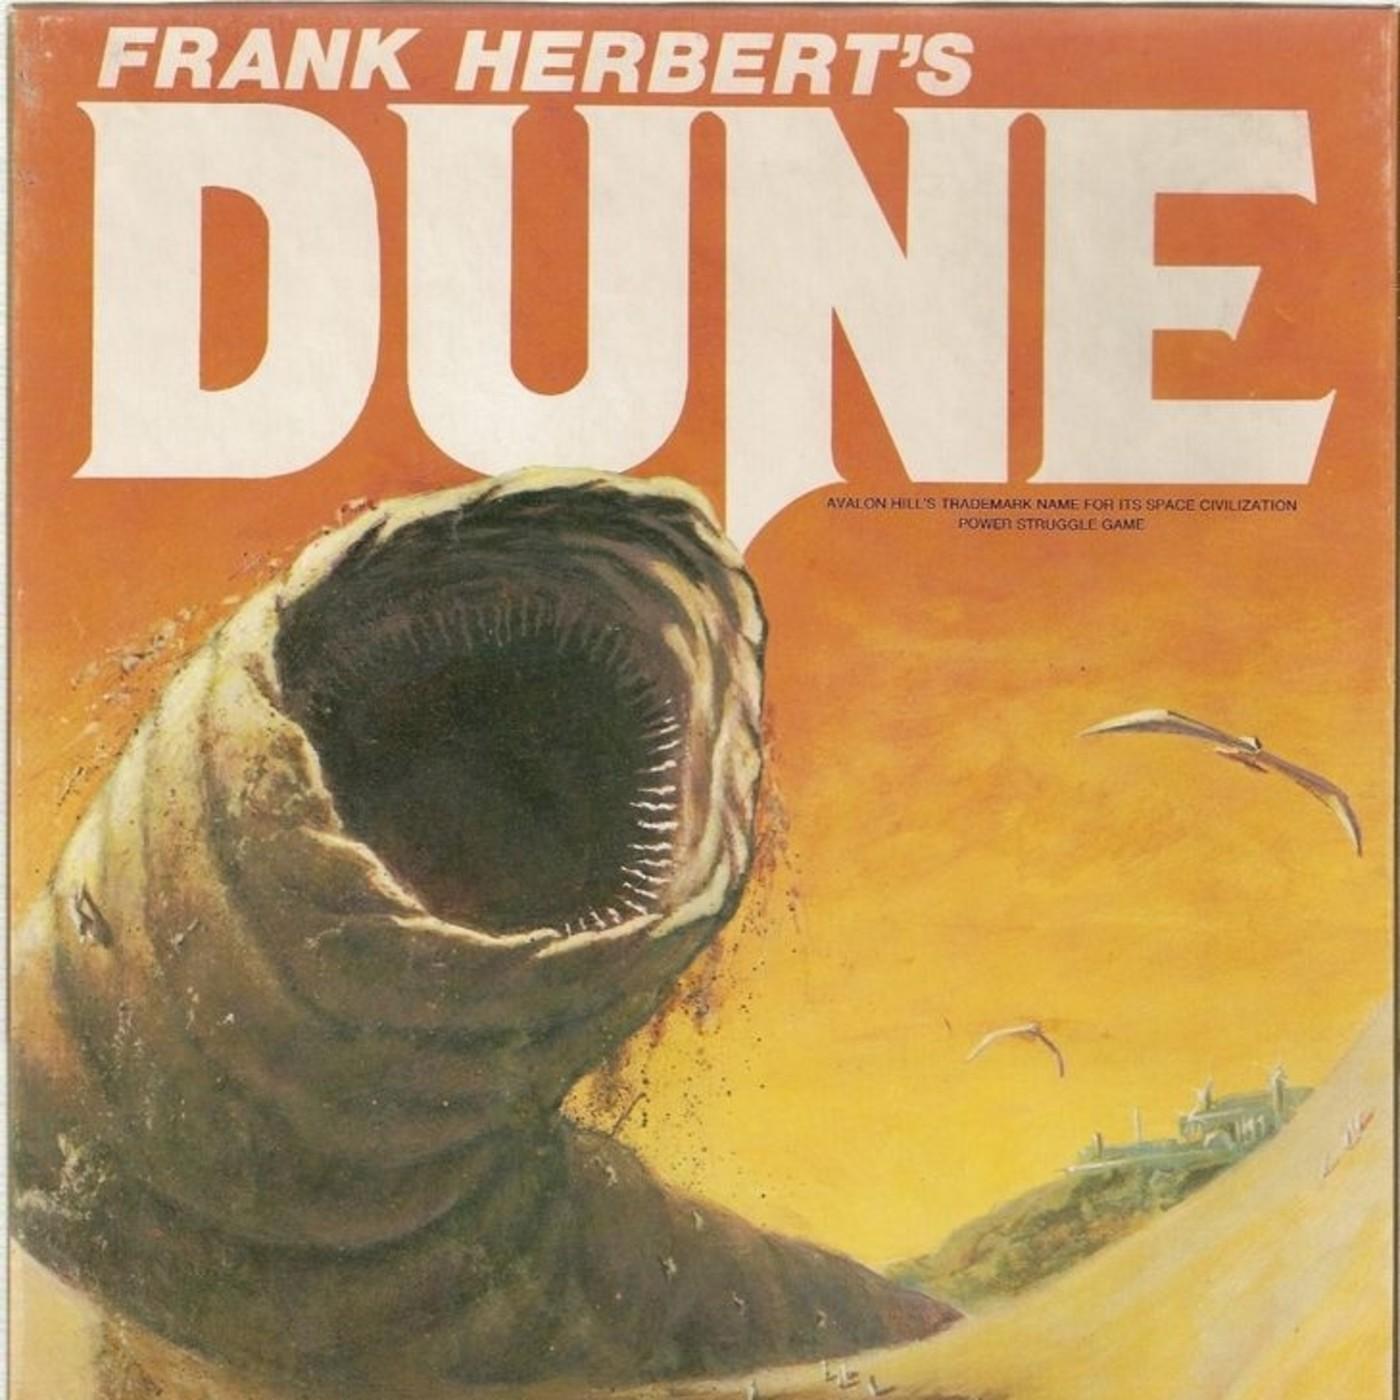 LCF #3x1 - Dune de Frank Herbert (Libro, película, videojuegos...)